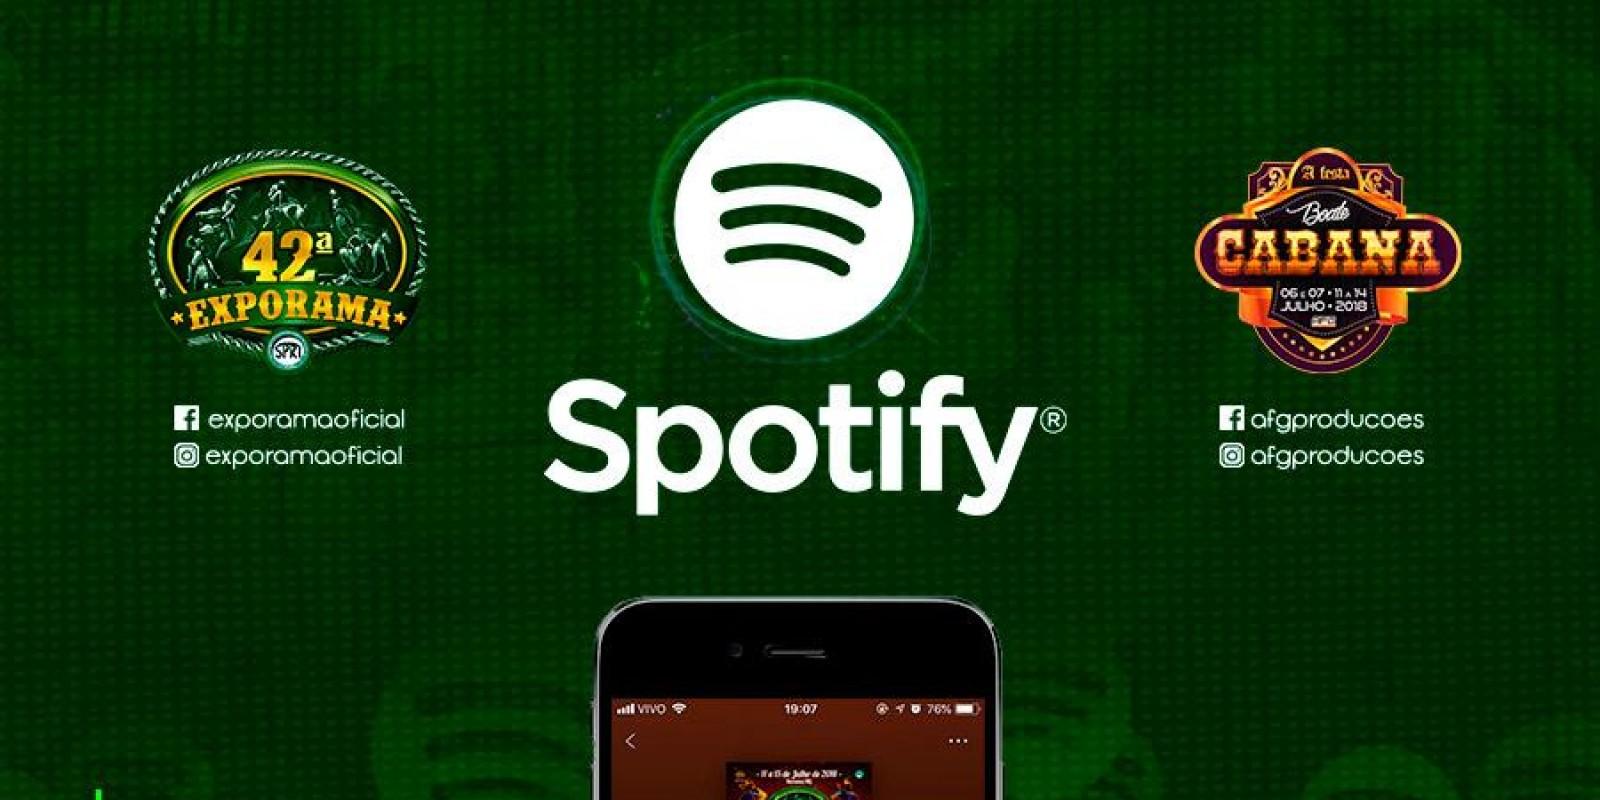 Já está disponível no Spotify a Playlist da 42ª Exporama e Boate Cabana!